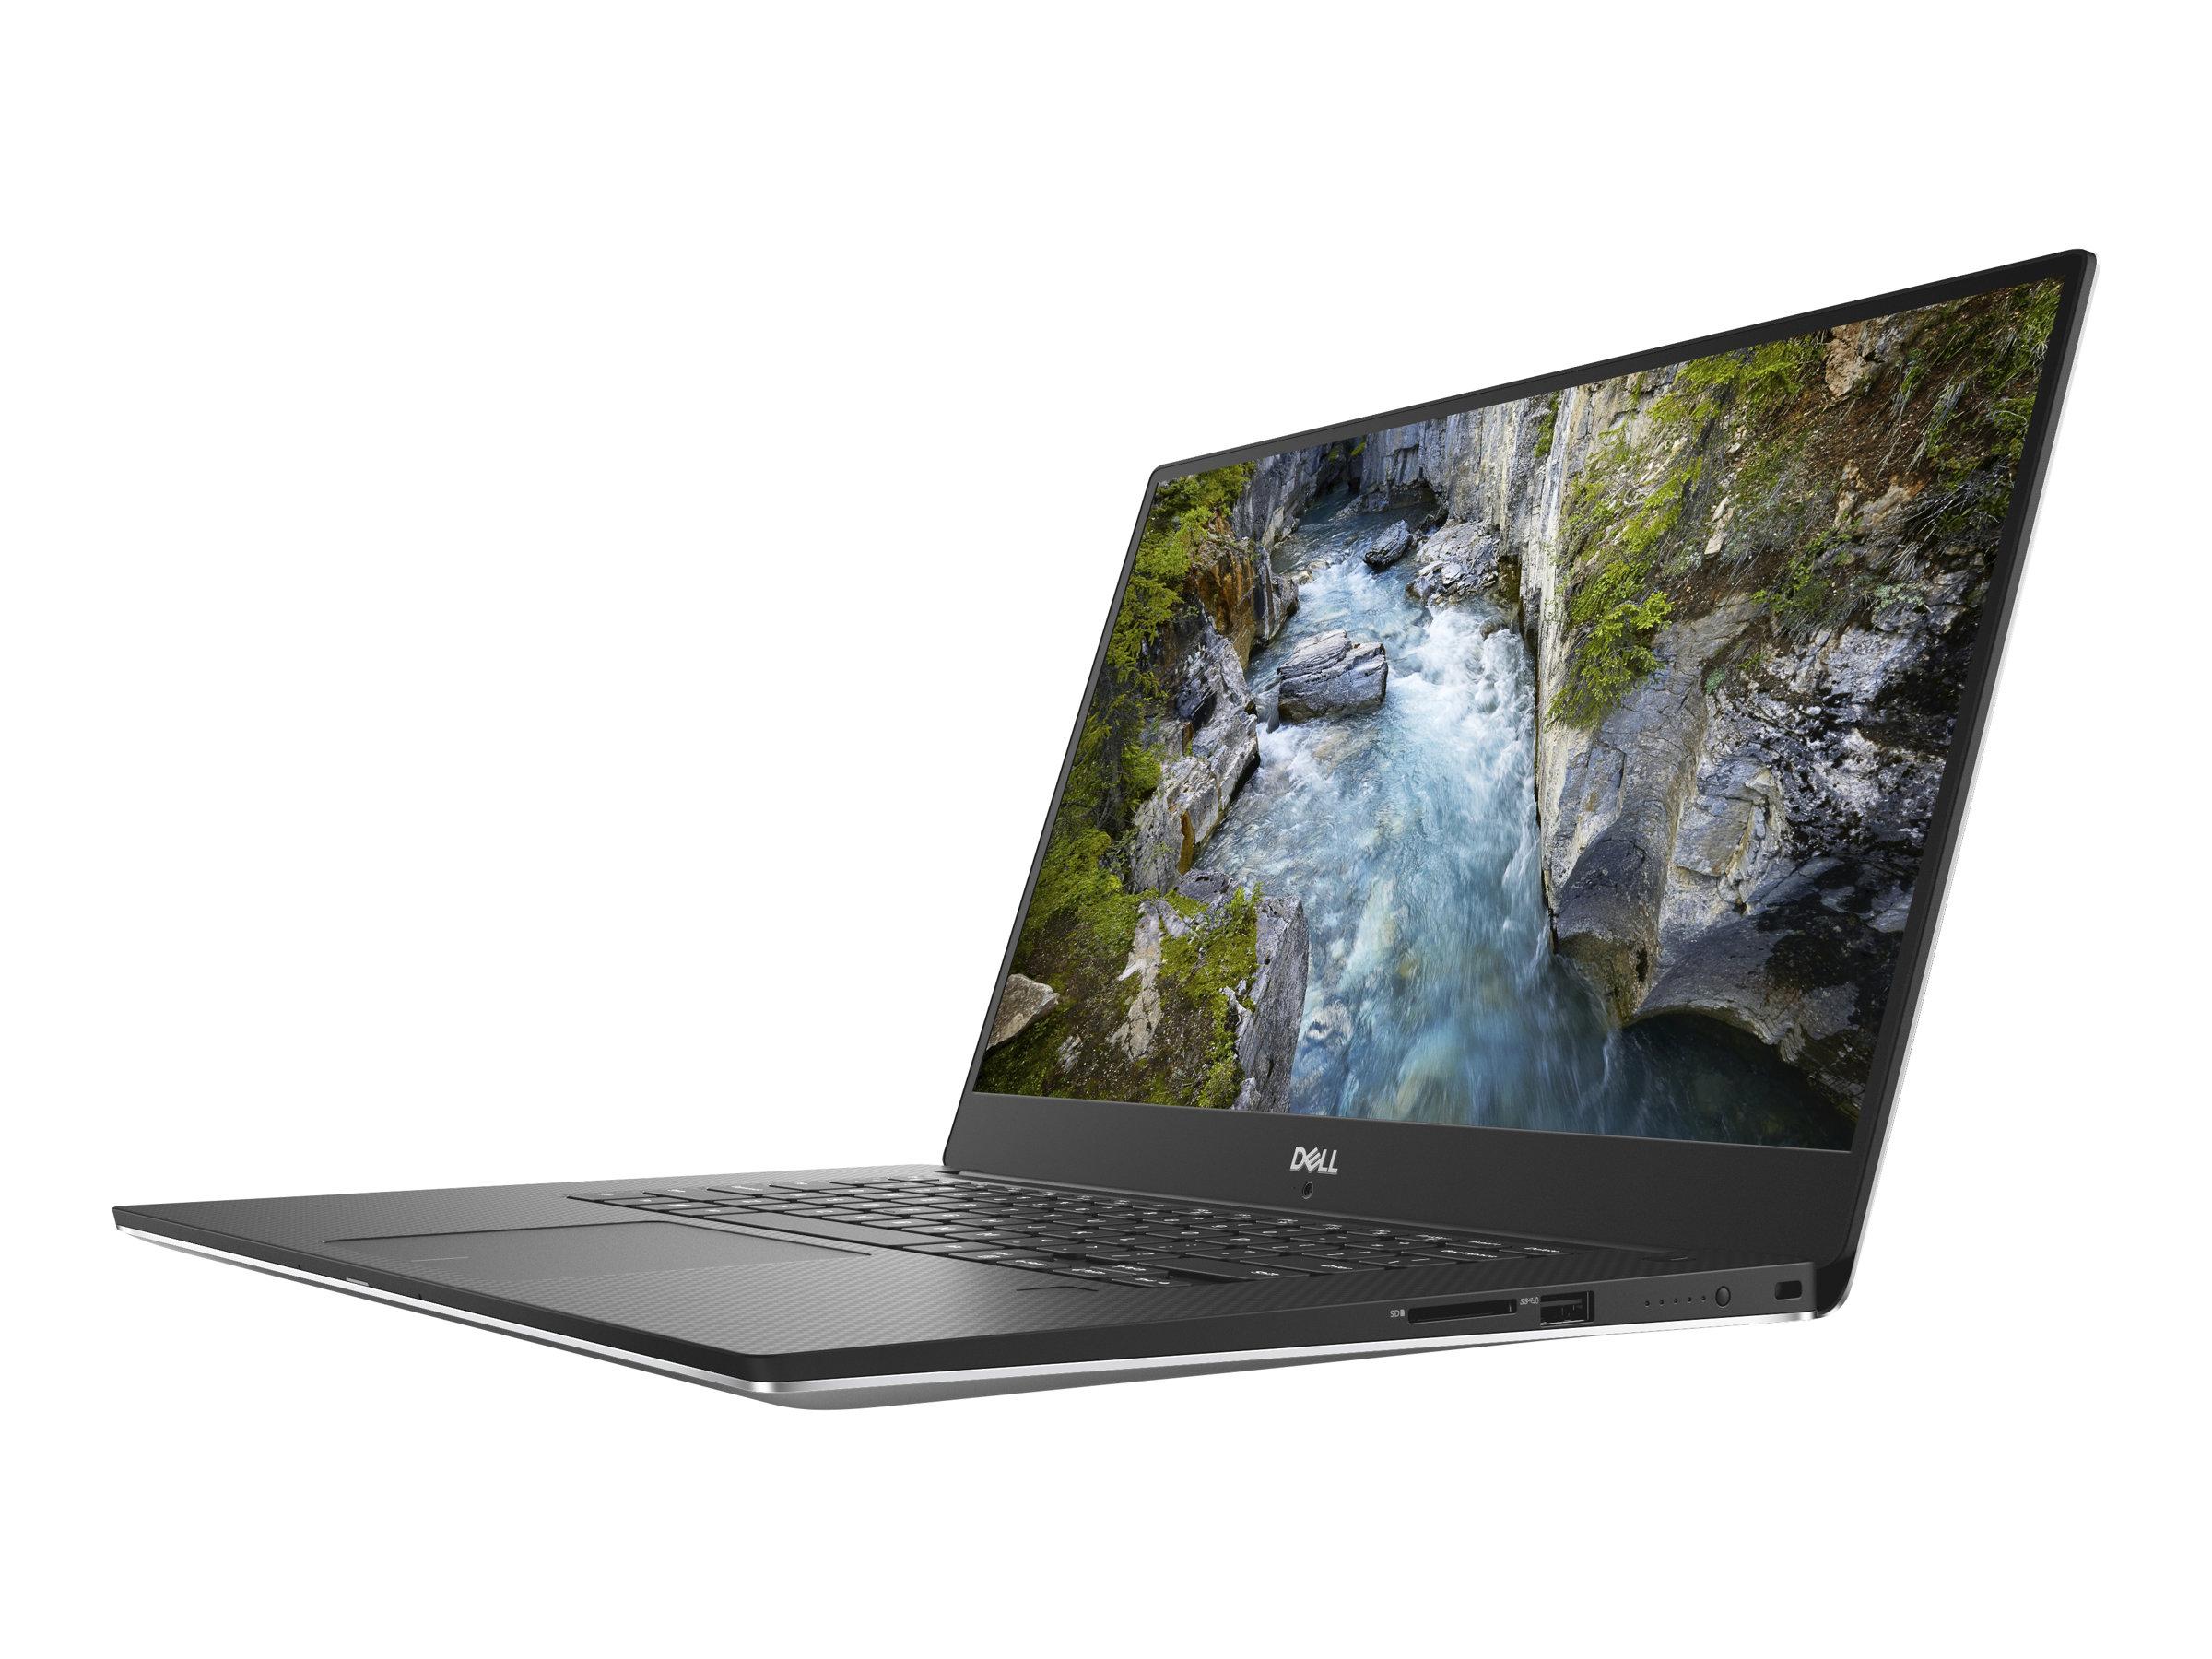 Dell Precision Mobile Workstation 5530 - Core i9 8950HK / 2.9 GHz - Win 10 Pro 64-Bit - 32 GB RAM - 1 TB SSD - 39.652 cm (15.6